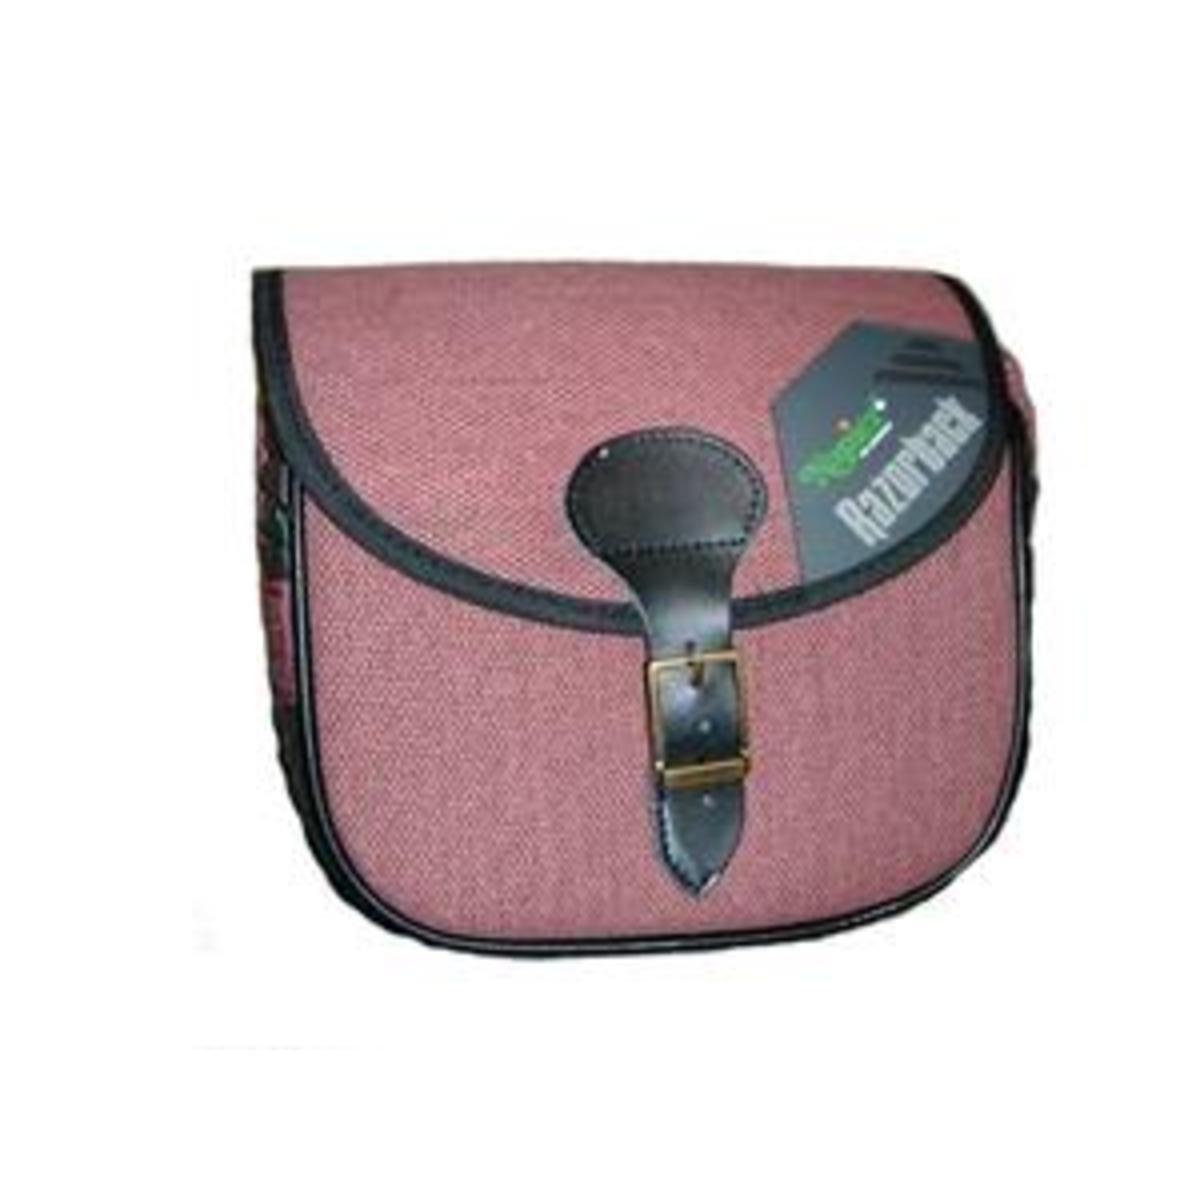 Napier Razorback Cartridge Bag Terracotta